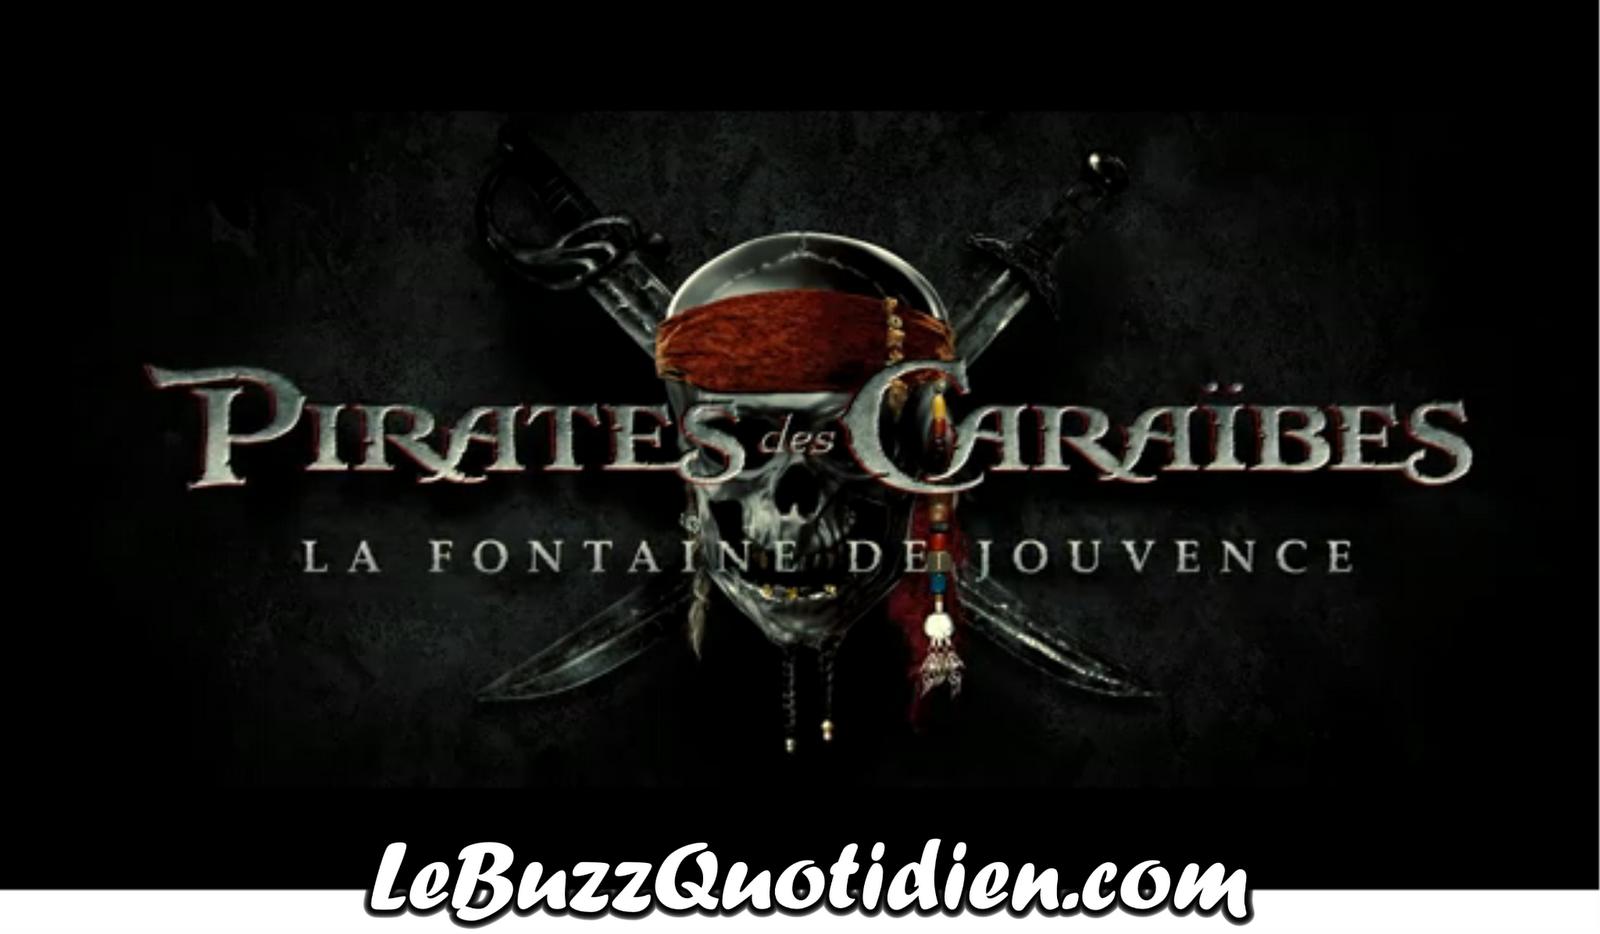 Pirates des Caraibes 4 bande annonce